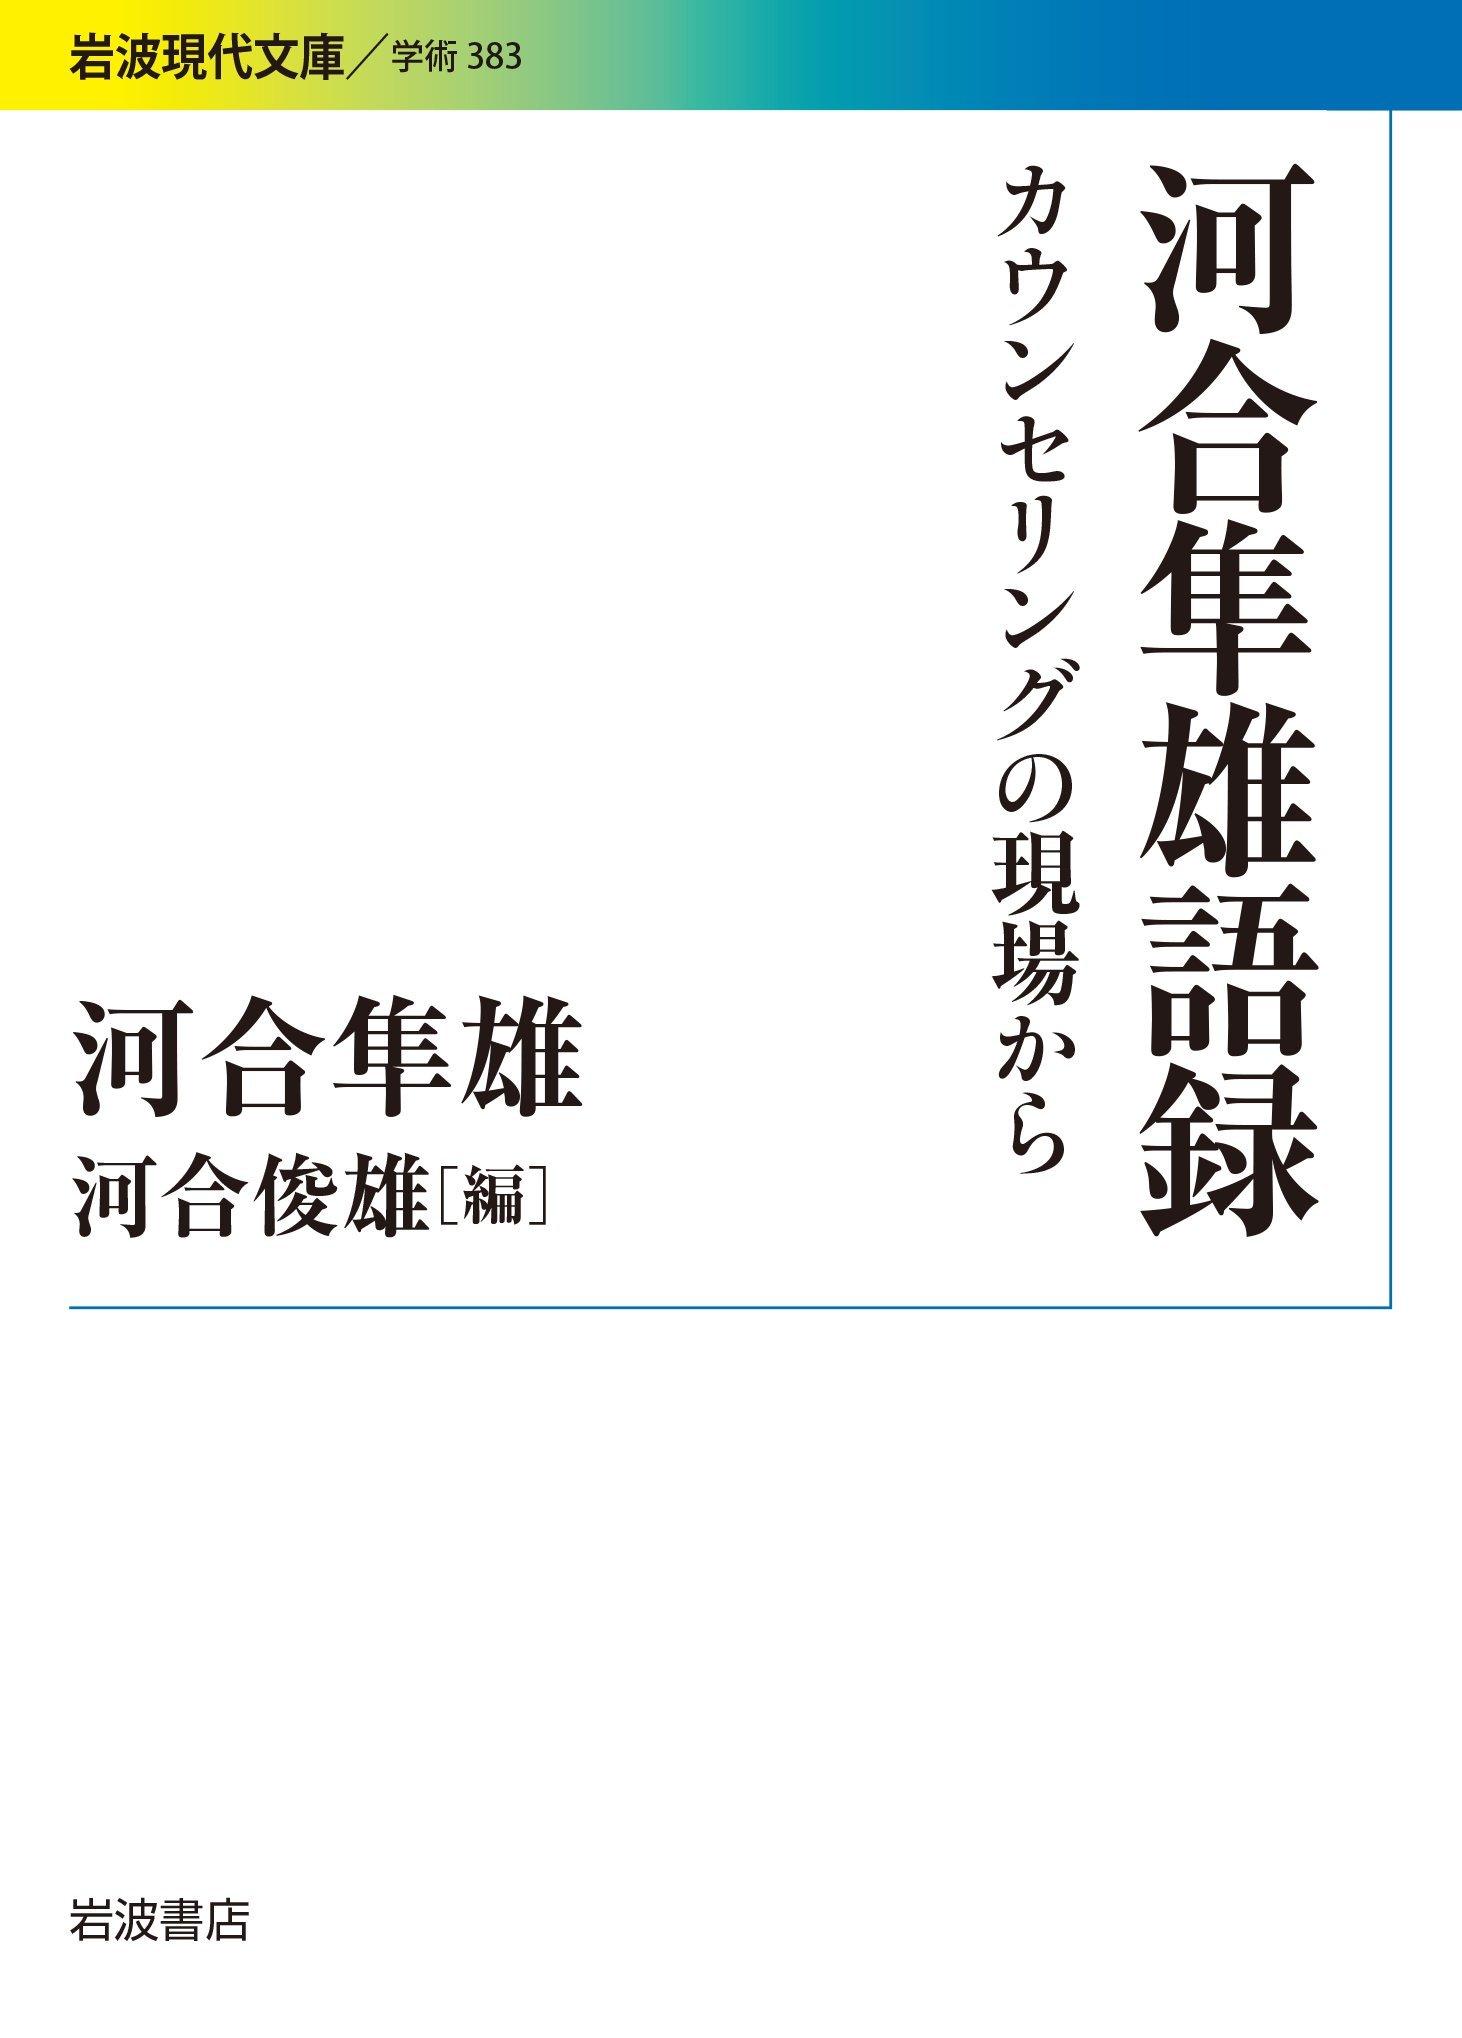 河合俊雄編(2018)『河合隼雄語録 カウンセリングの現場から』岩波現代文庫